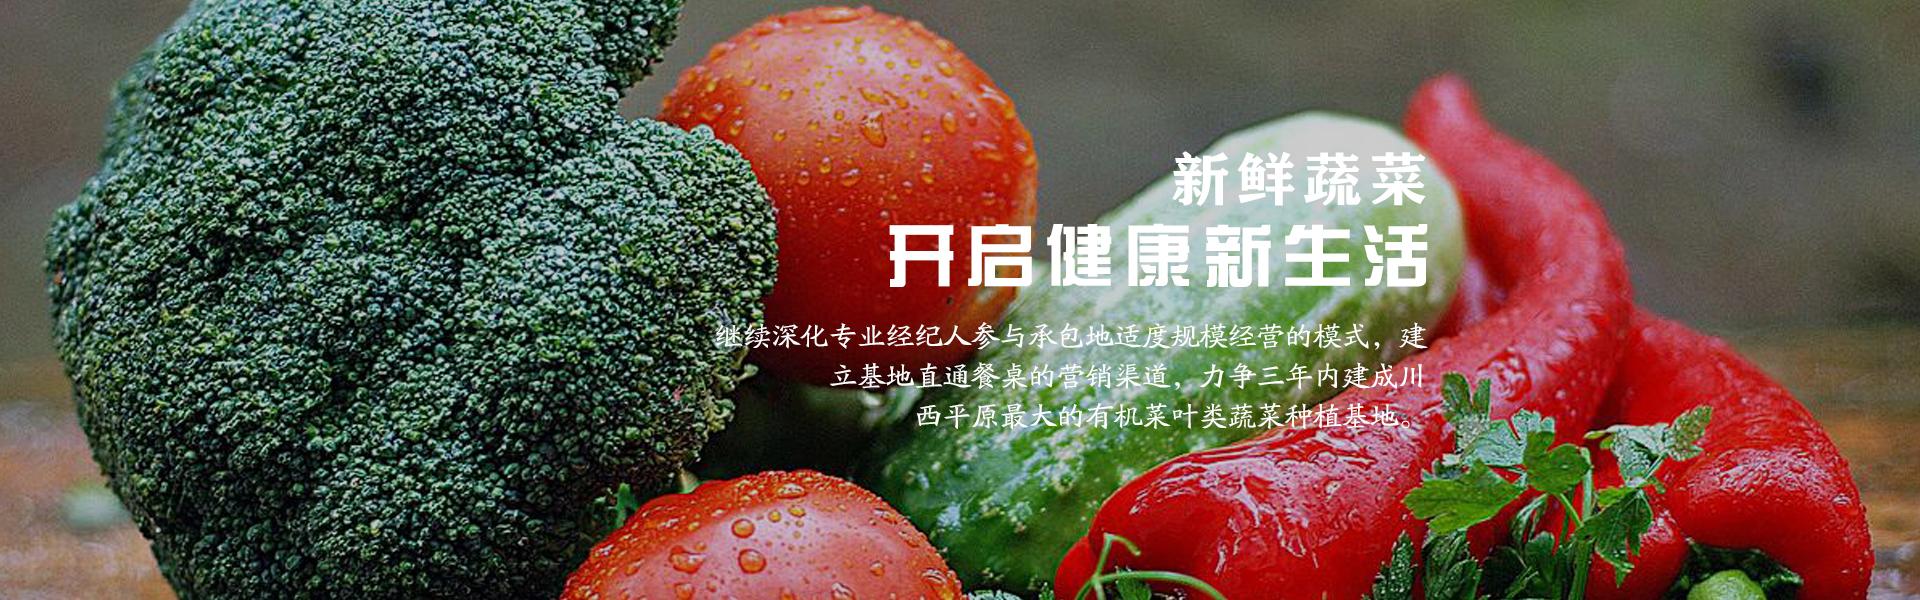 四川有机蔬菜网_蔬菜胡萝卜相关-成都市录超农业有限责任公司